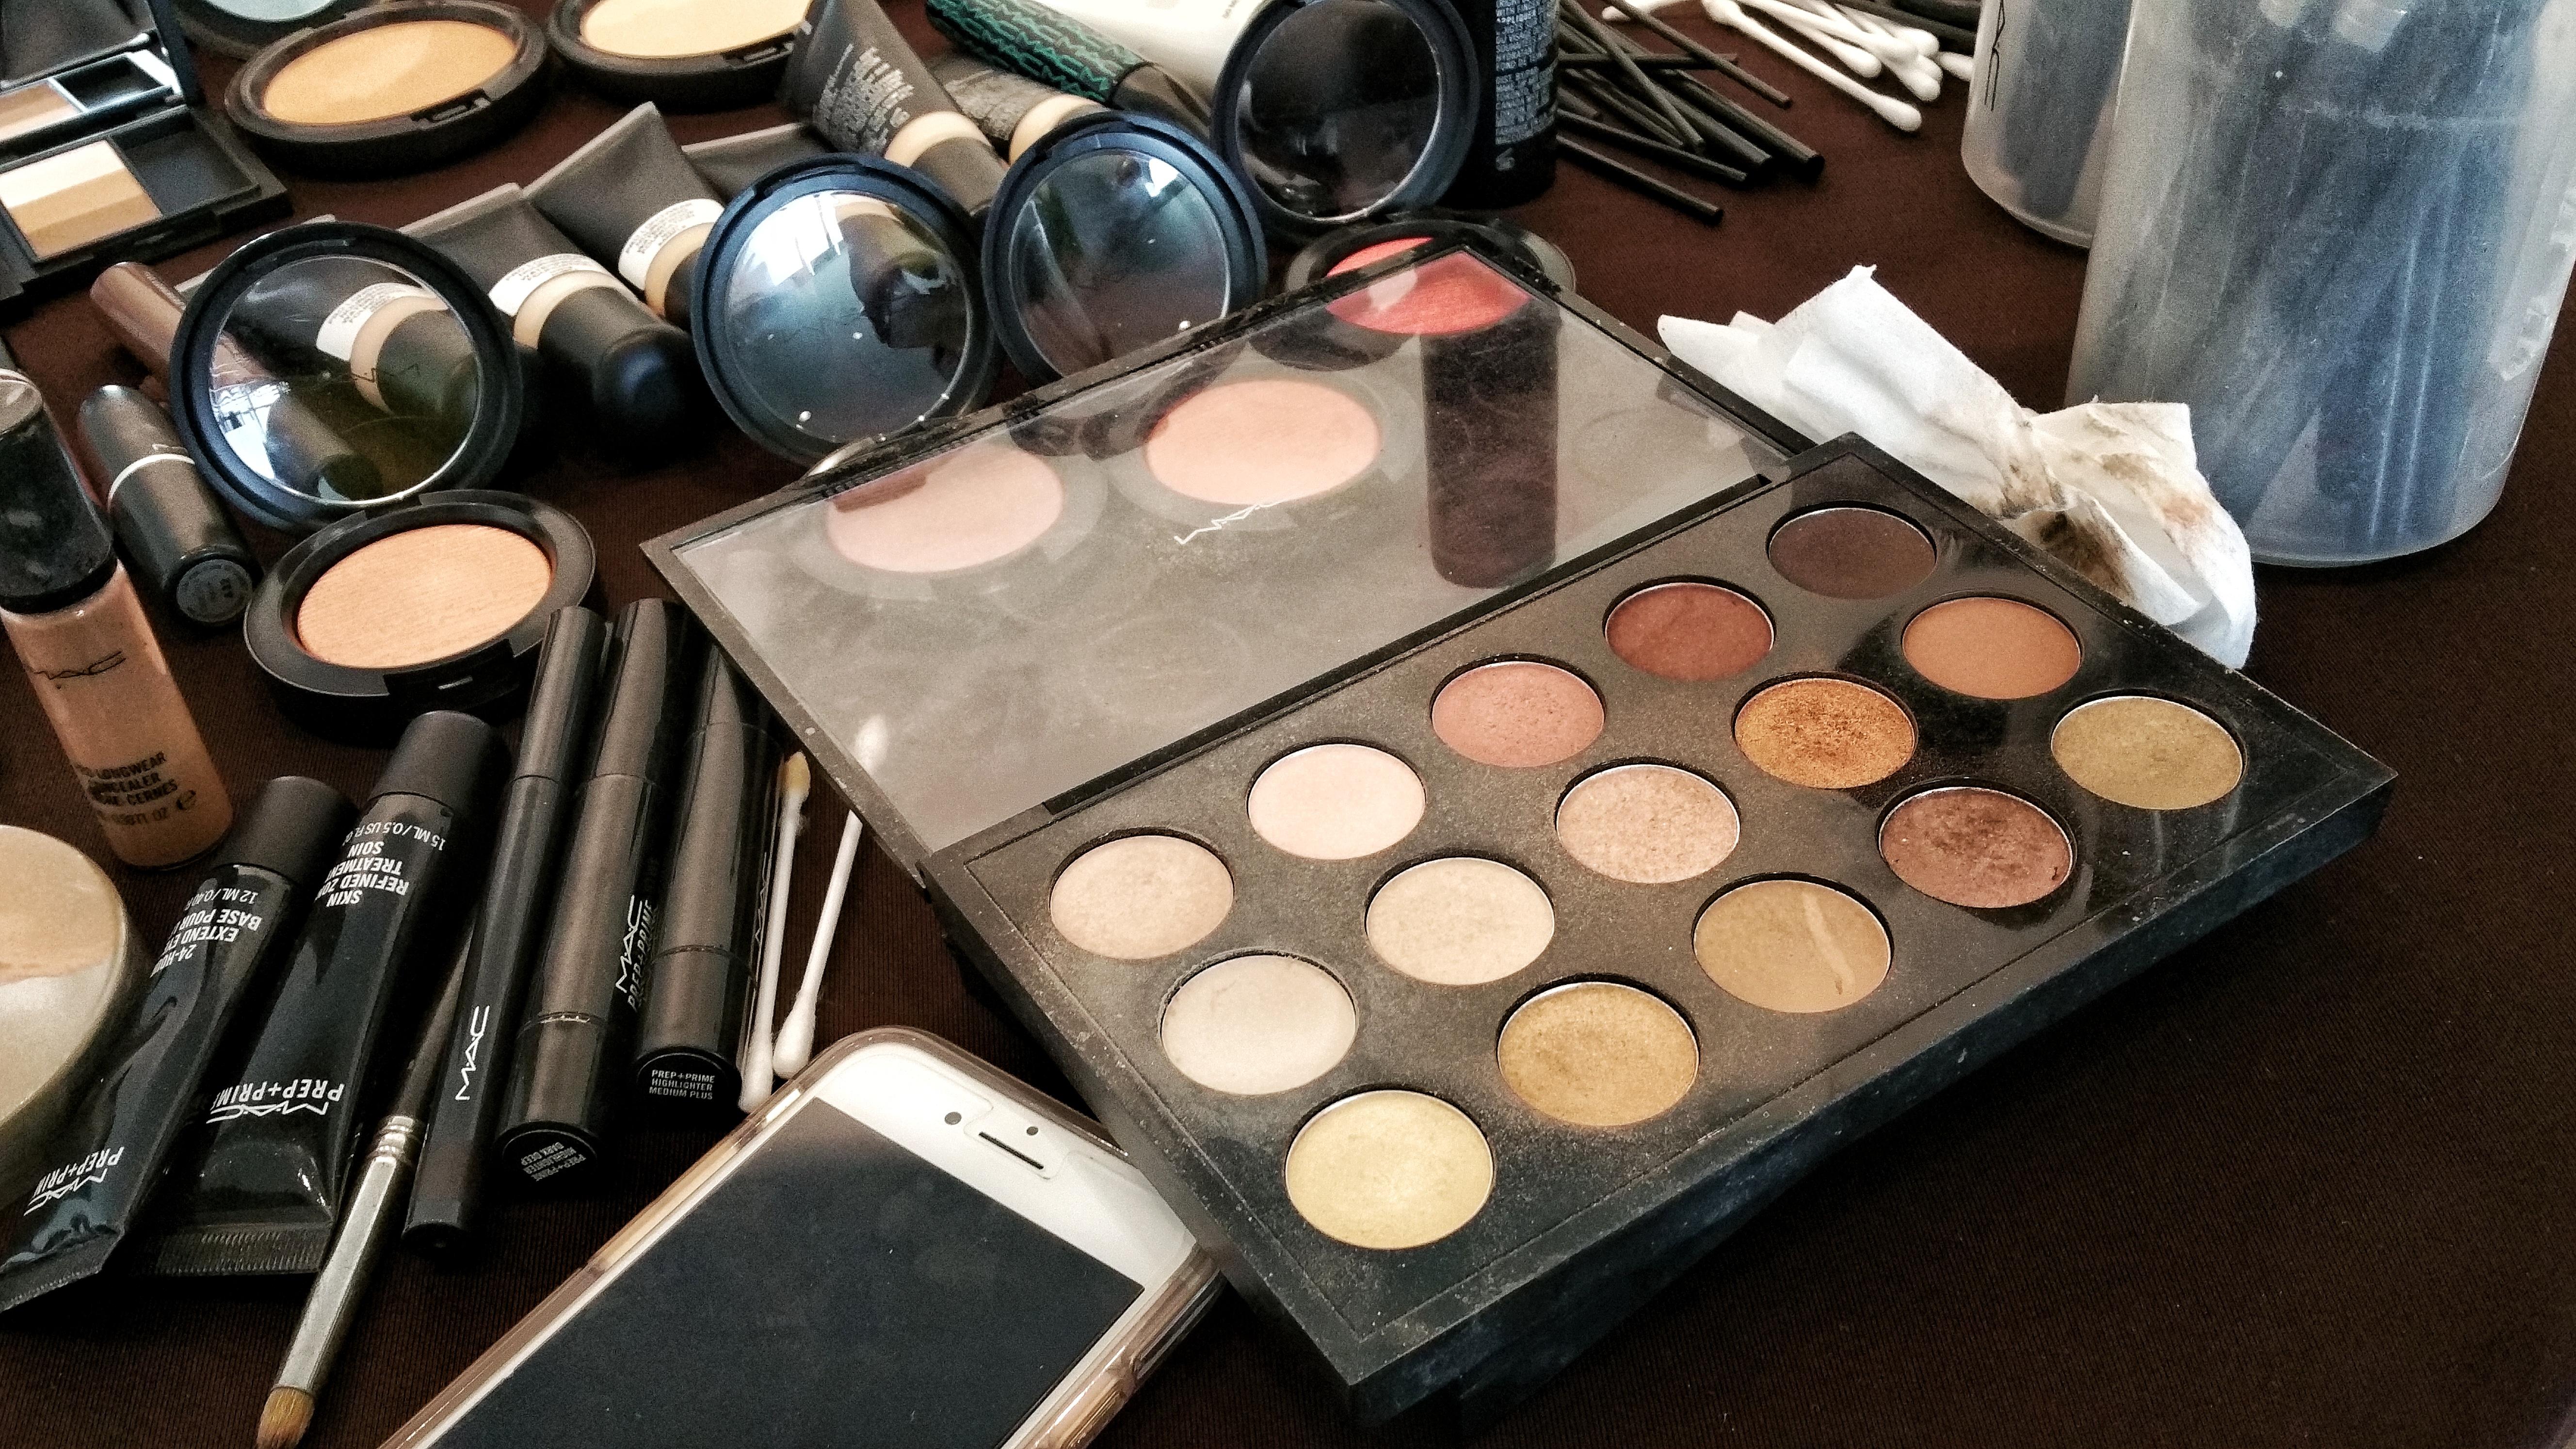 MAC Cosmetics, MAC, Maui Muse, M.A.C. Cosmetics, makeup, beauty, maui beauty event, makeup artist, maui makeup artist, maui makeup event, fashion, fashion forward, makeup art cosmetics, andaz wailea,